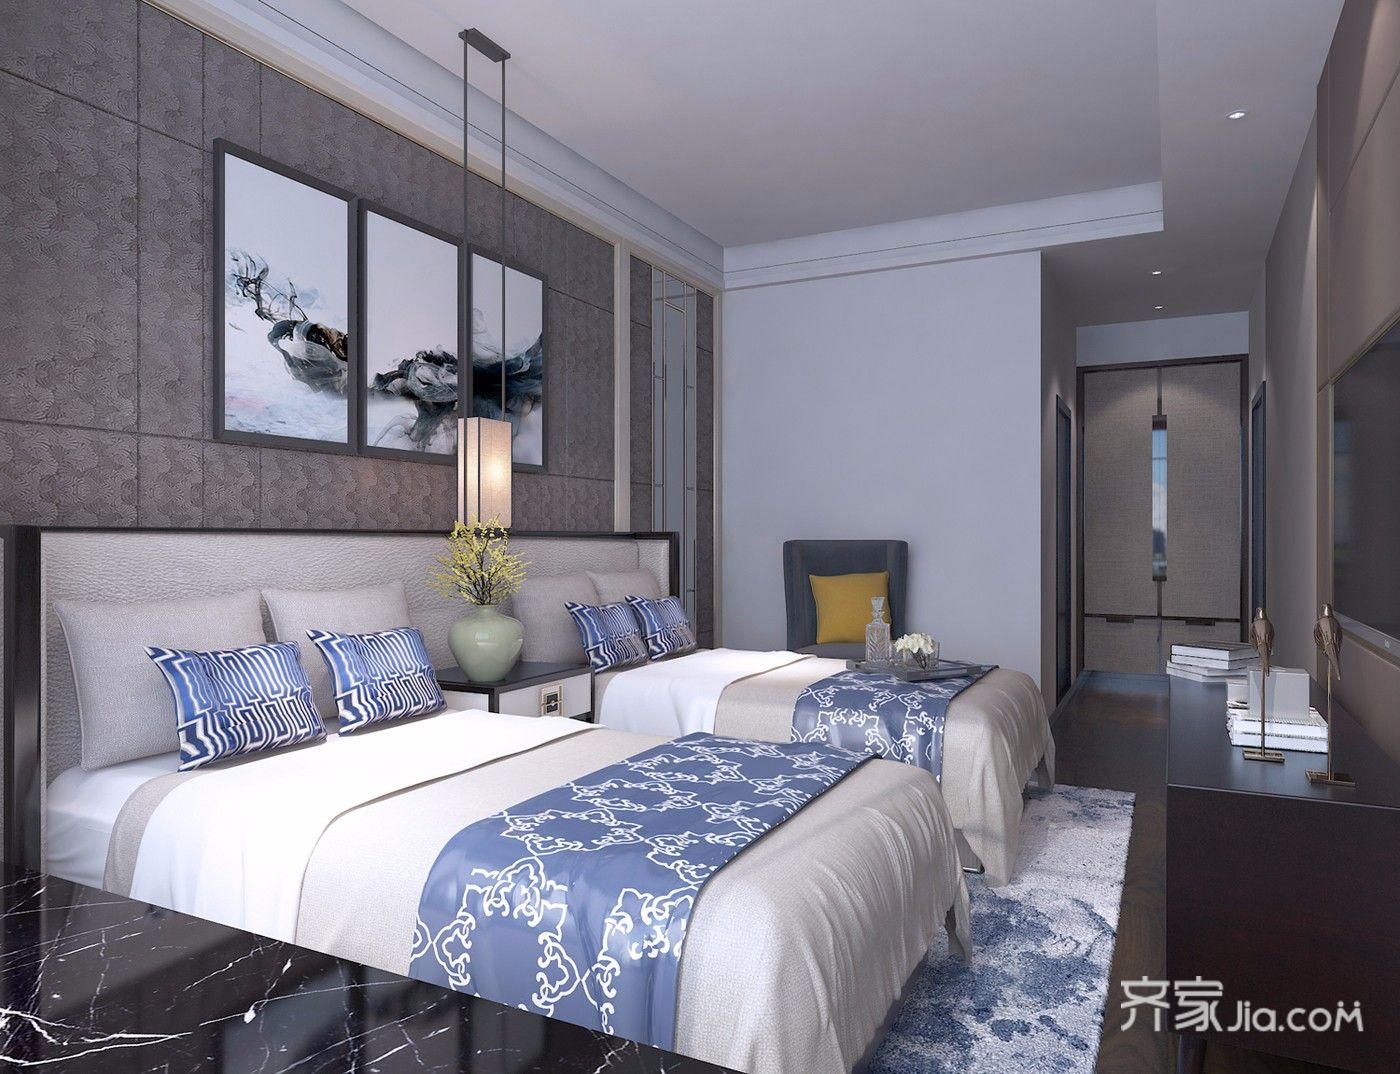 350平米中式别墅床头背景墙装修效果图